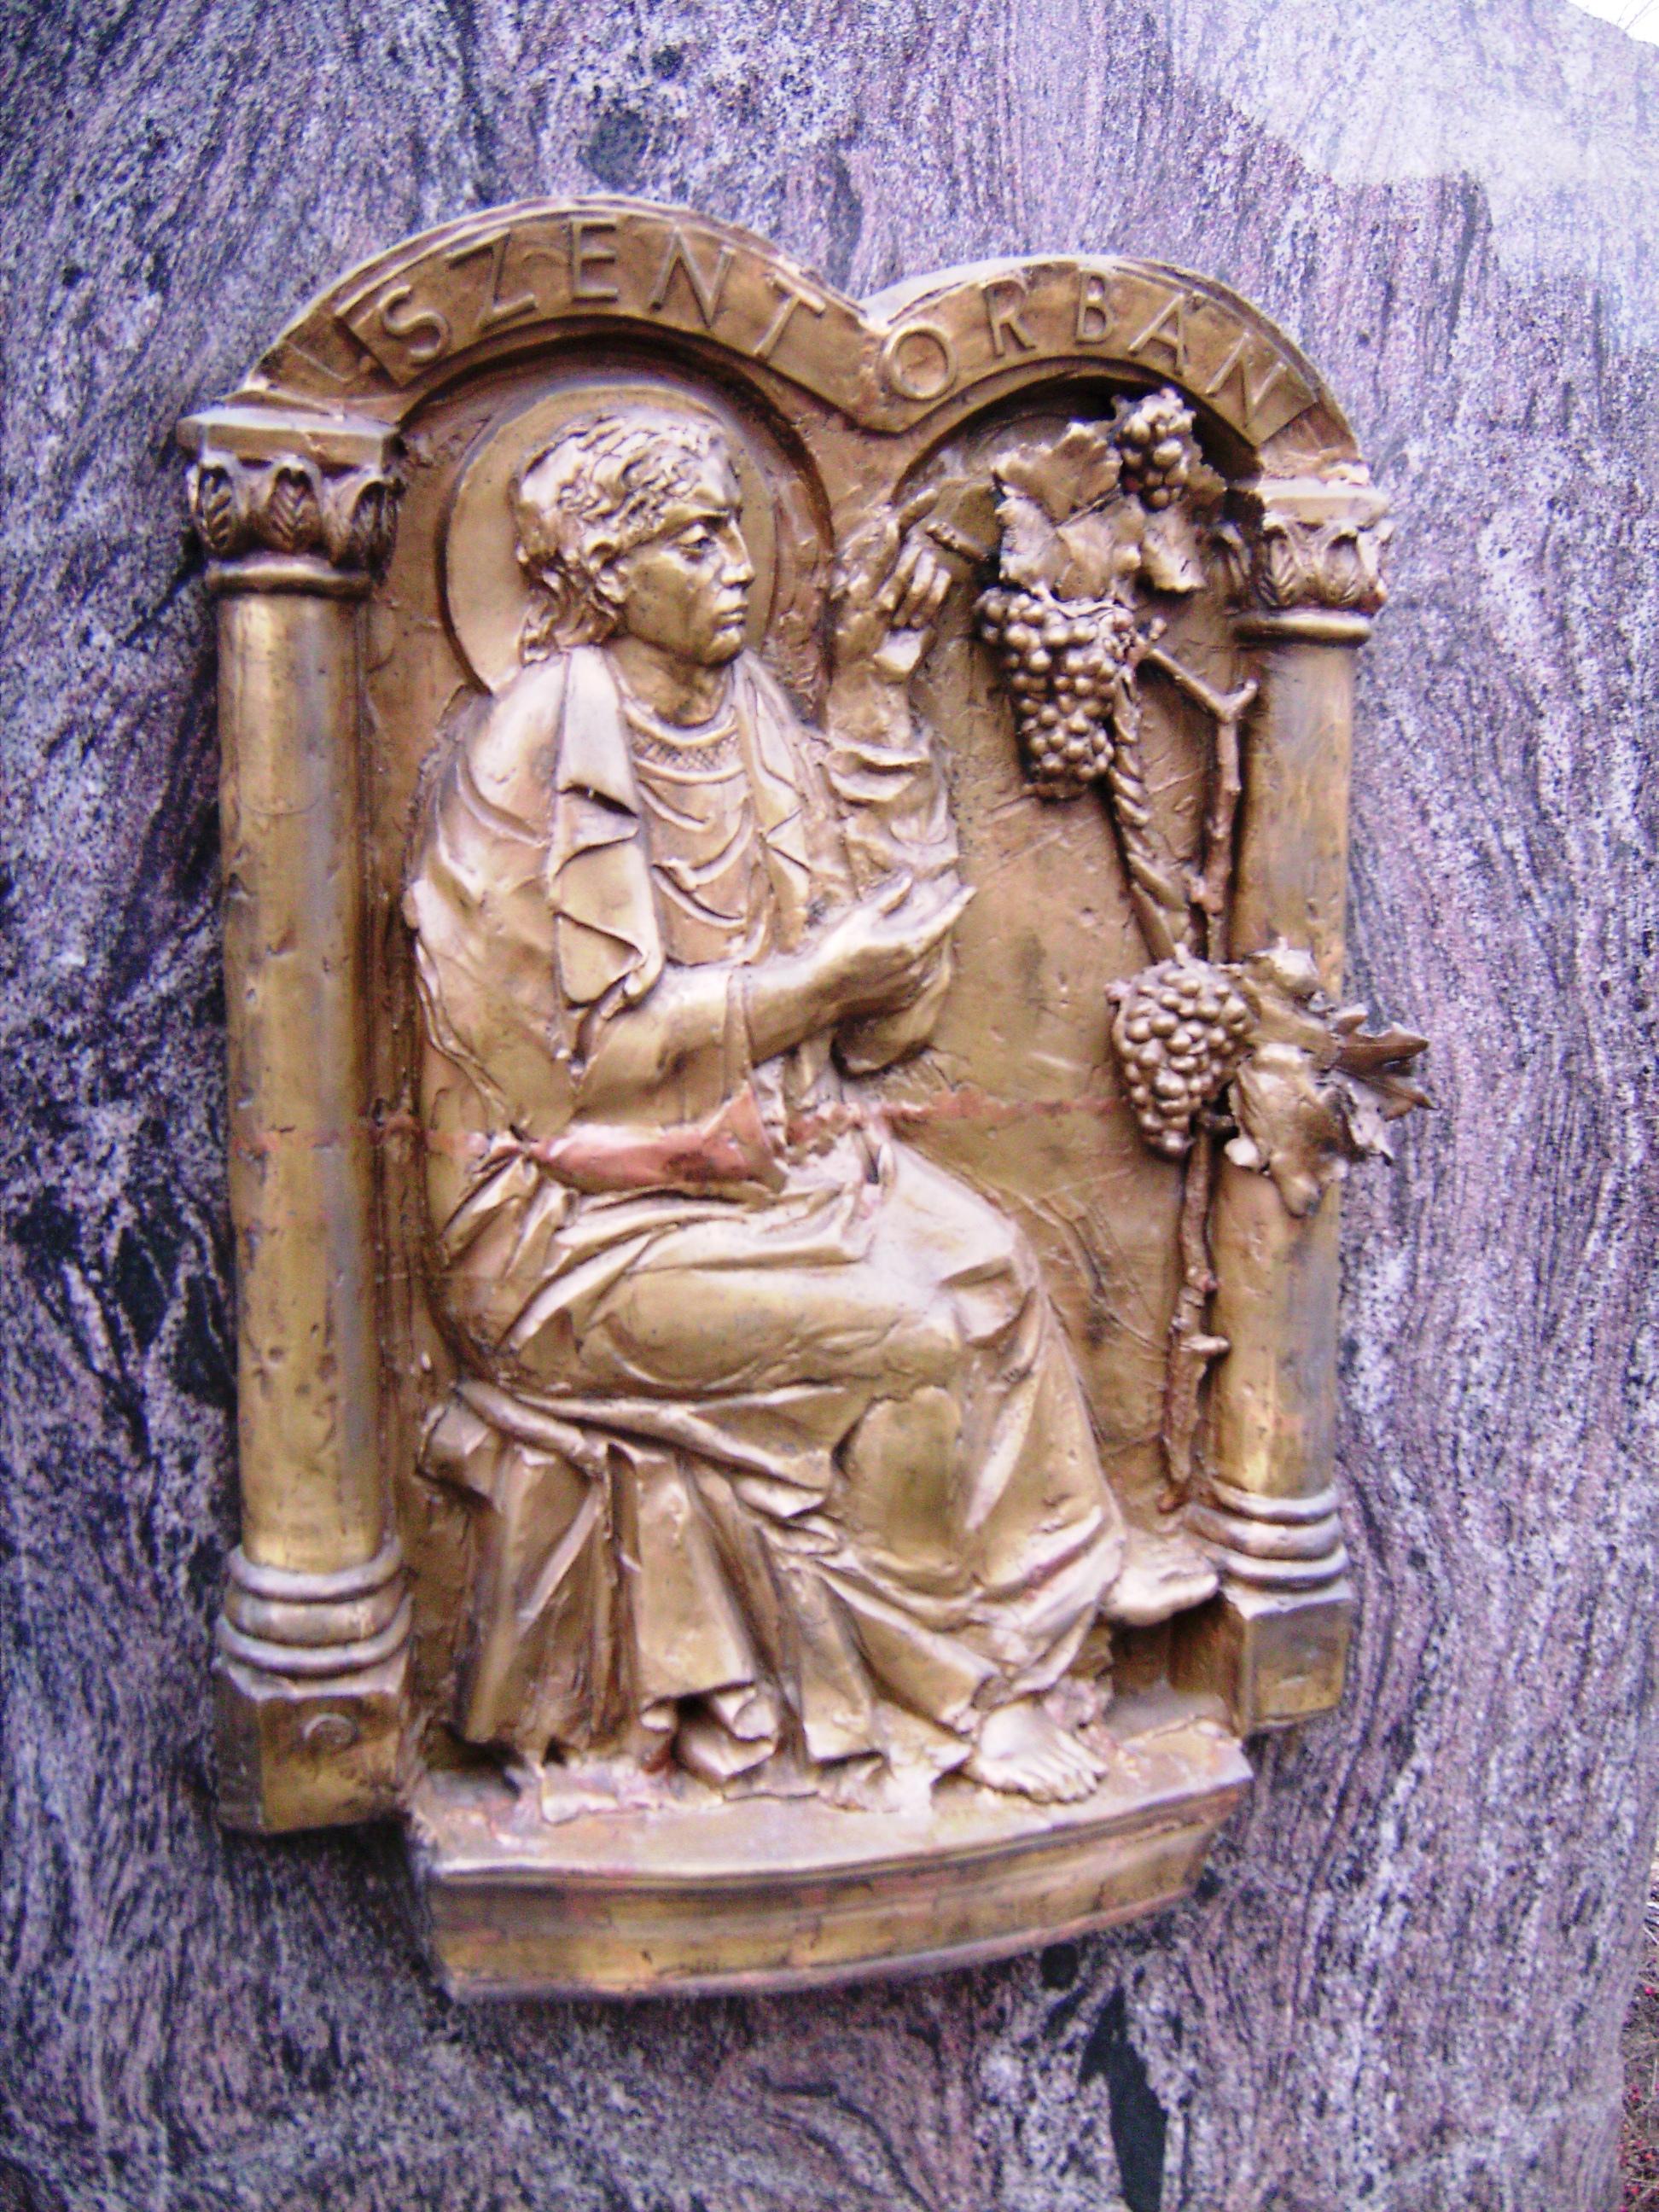 Szent Orbán a szőlőket védelmező szent, nem csoda, hogy az alapvetően szőlőtermesztésből élő soltvadkertiek emléket állítottak neki.